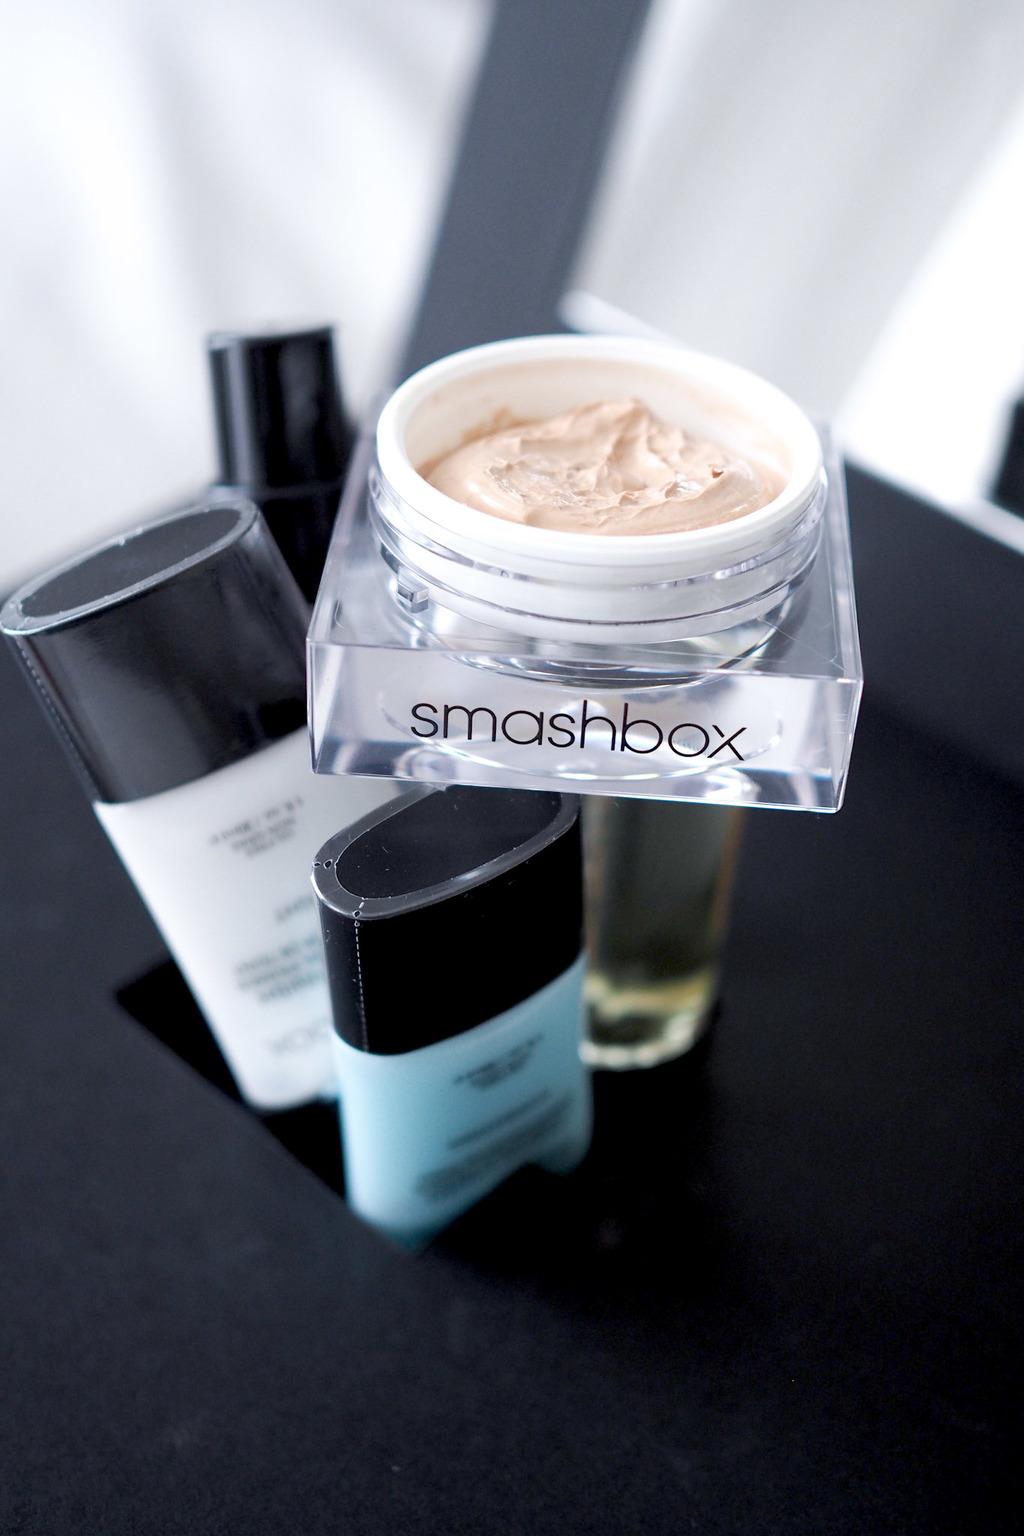 NEW & ON TRIAL: SMASHBOX PHOTO FINISH RADIANCE PRIMER